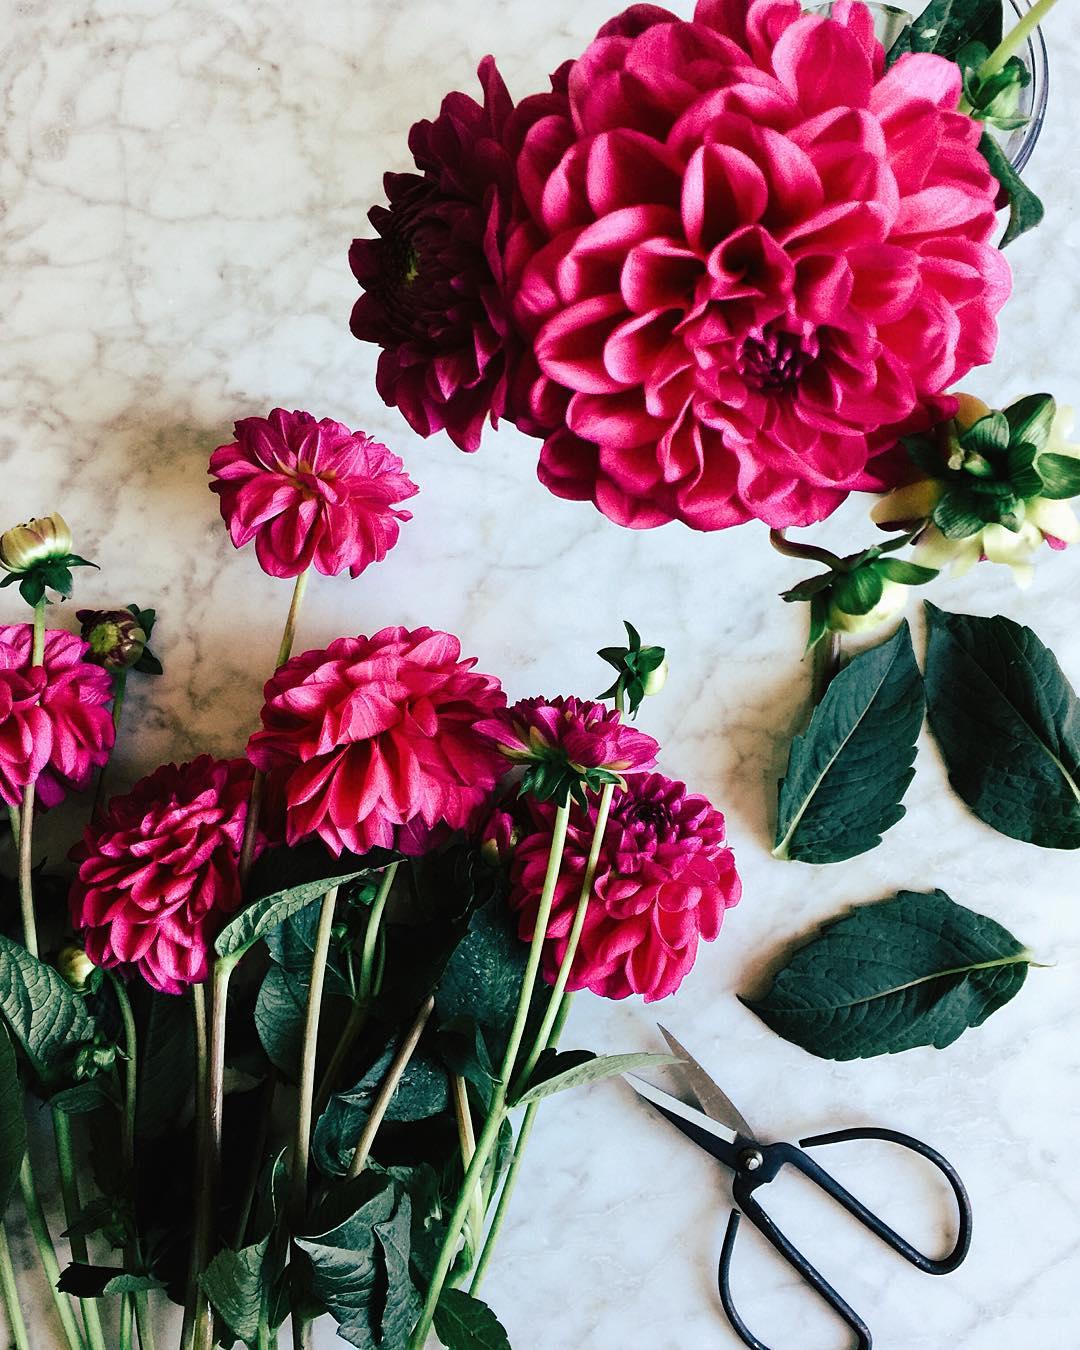 Revenir du march avec ses fleurs prfres flowers dhalia celinemarks